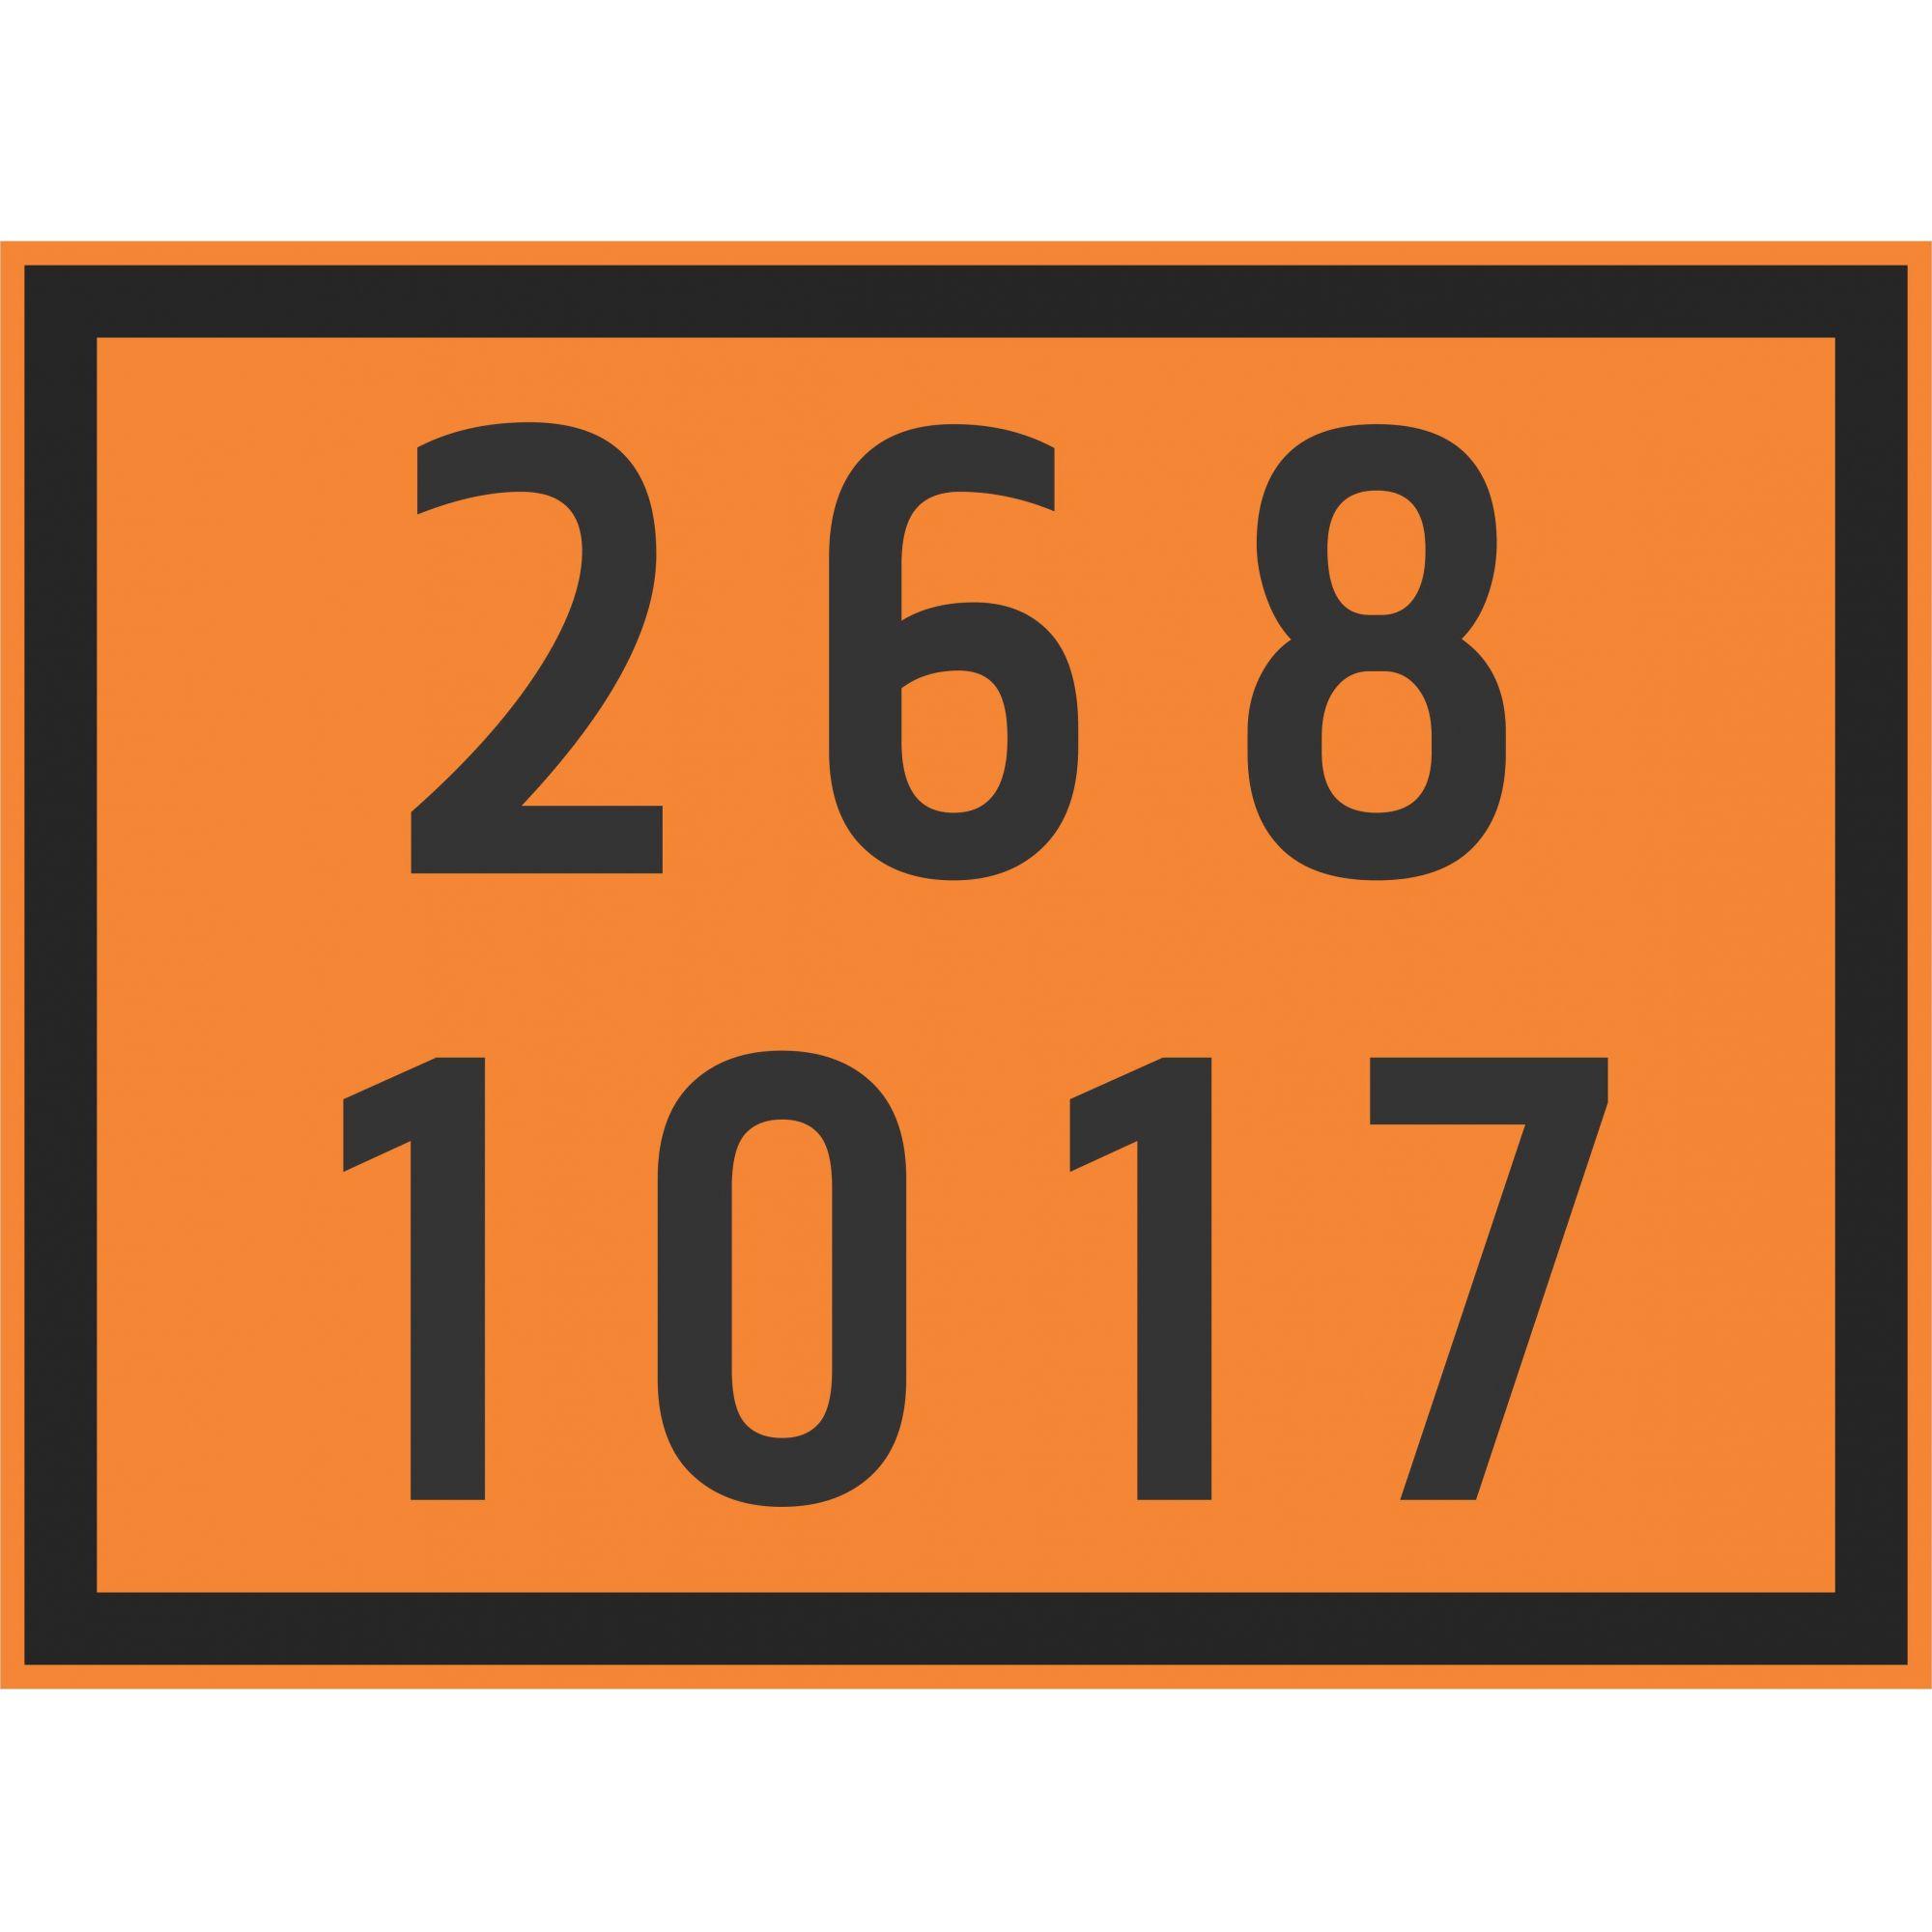 CLORO 1017  - Towbar Sinalização de Segurança